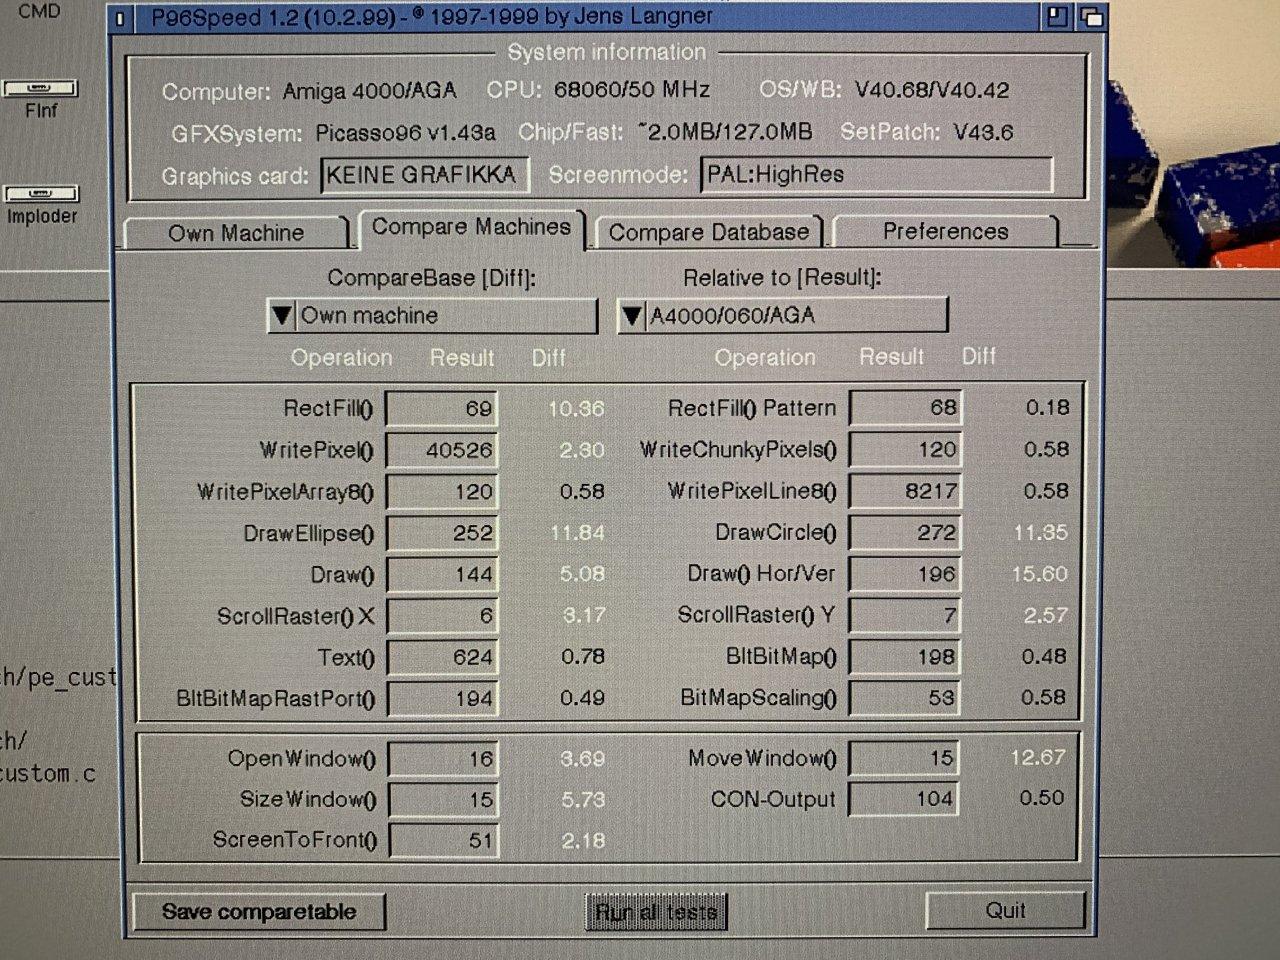 Klikněte na obrázek pro zobrazení větší verze  Název: C513B9D9-B0D9-47E7-8845-711A9CAD622E.jpeg Zobrazeno: 72 Velikost: 325,9 KB ID: 9626